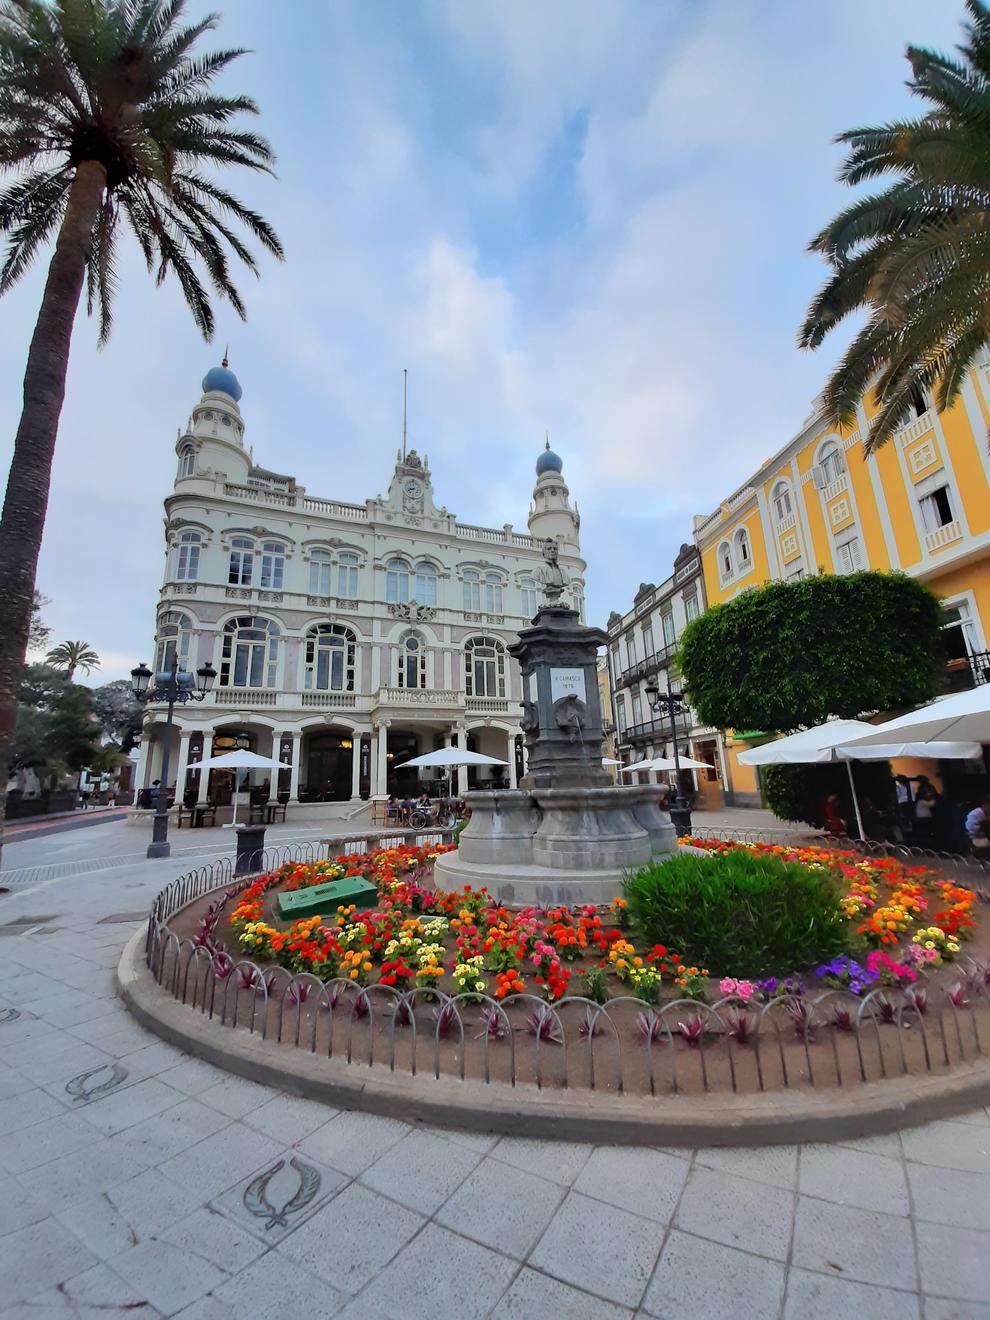 La plaça de Cairasco, amb el Gabinete Literario al fons, un dels racons amb més atractiu del barri de Triana, a Las Palmas de Gran Canaria.